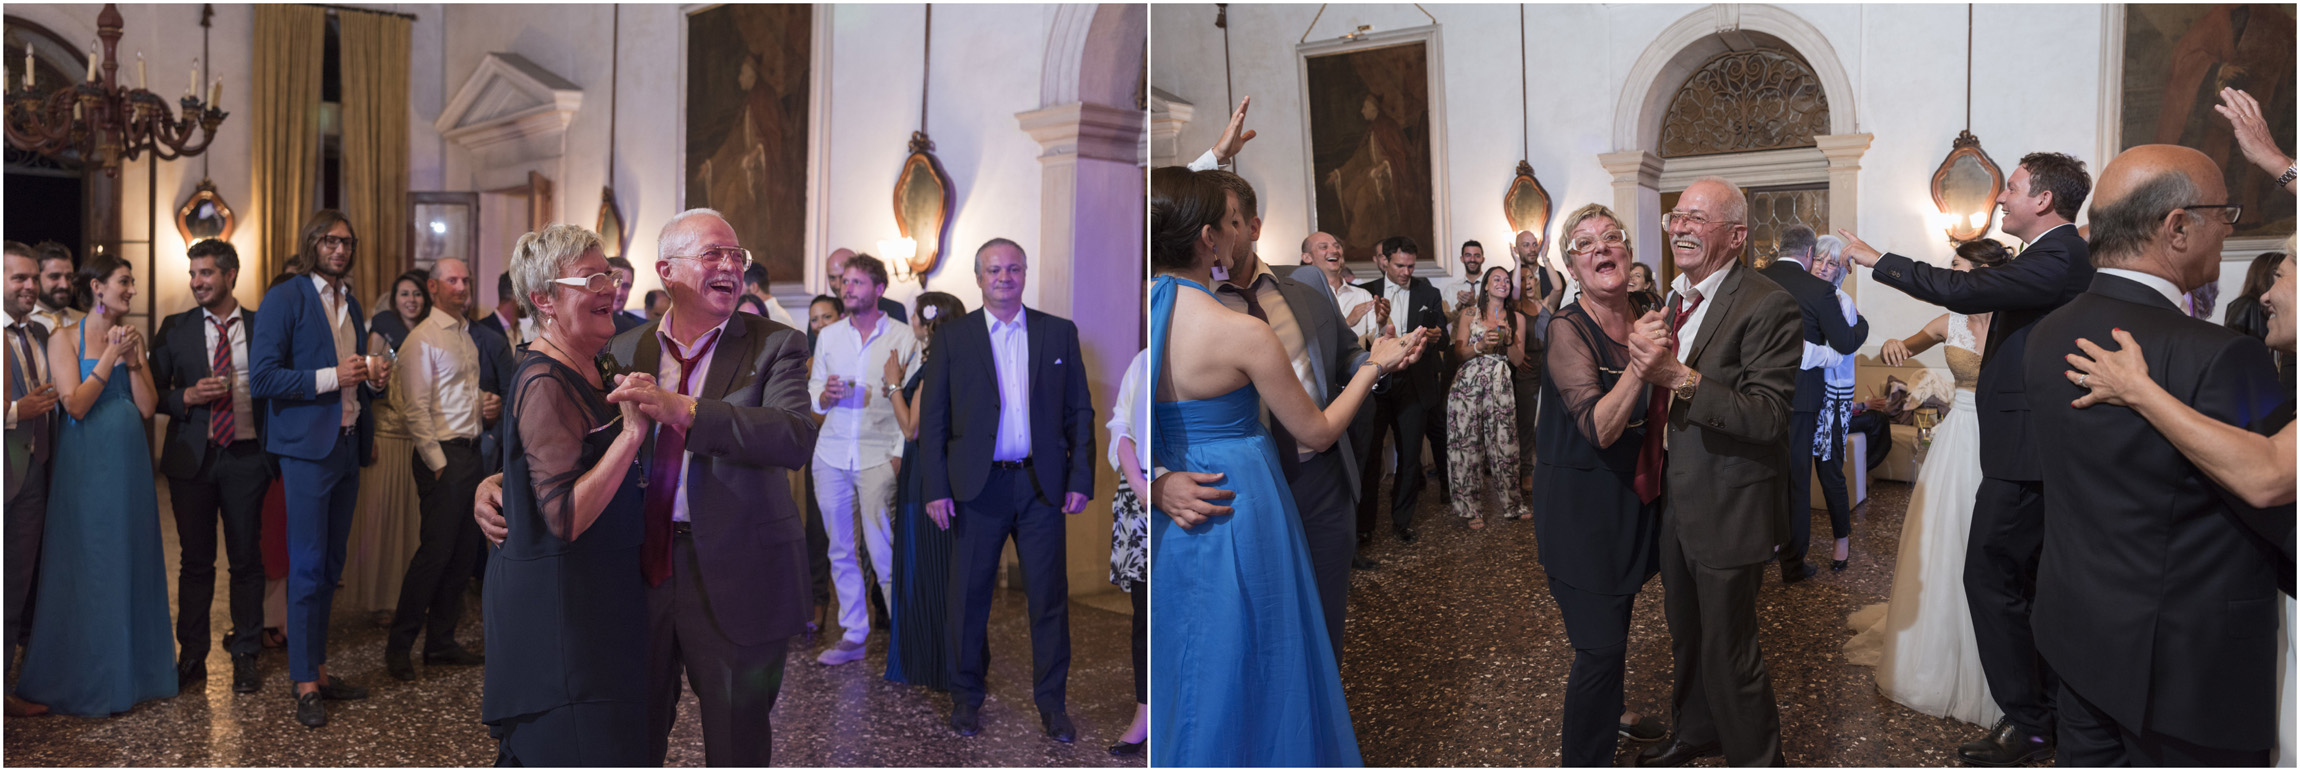 ©FianderFoto_Chira_Gigi_Wedding_Italy_080.jpg